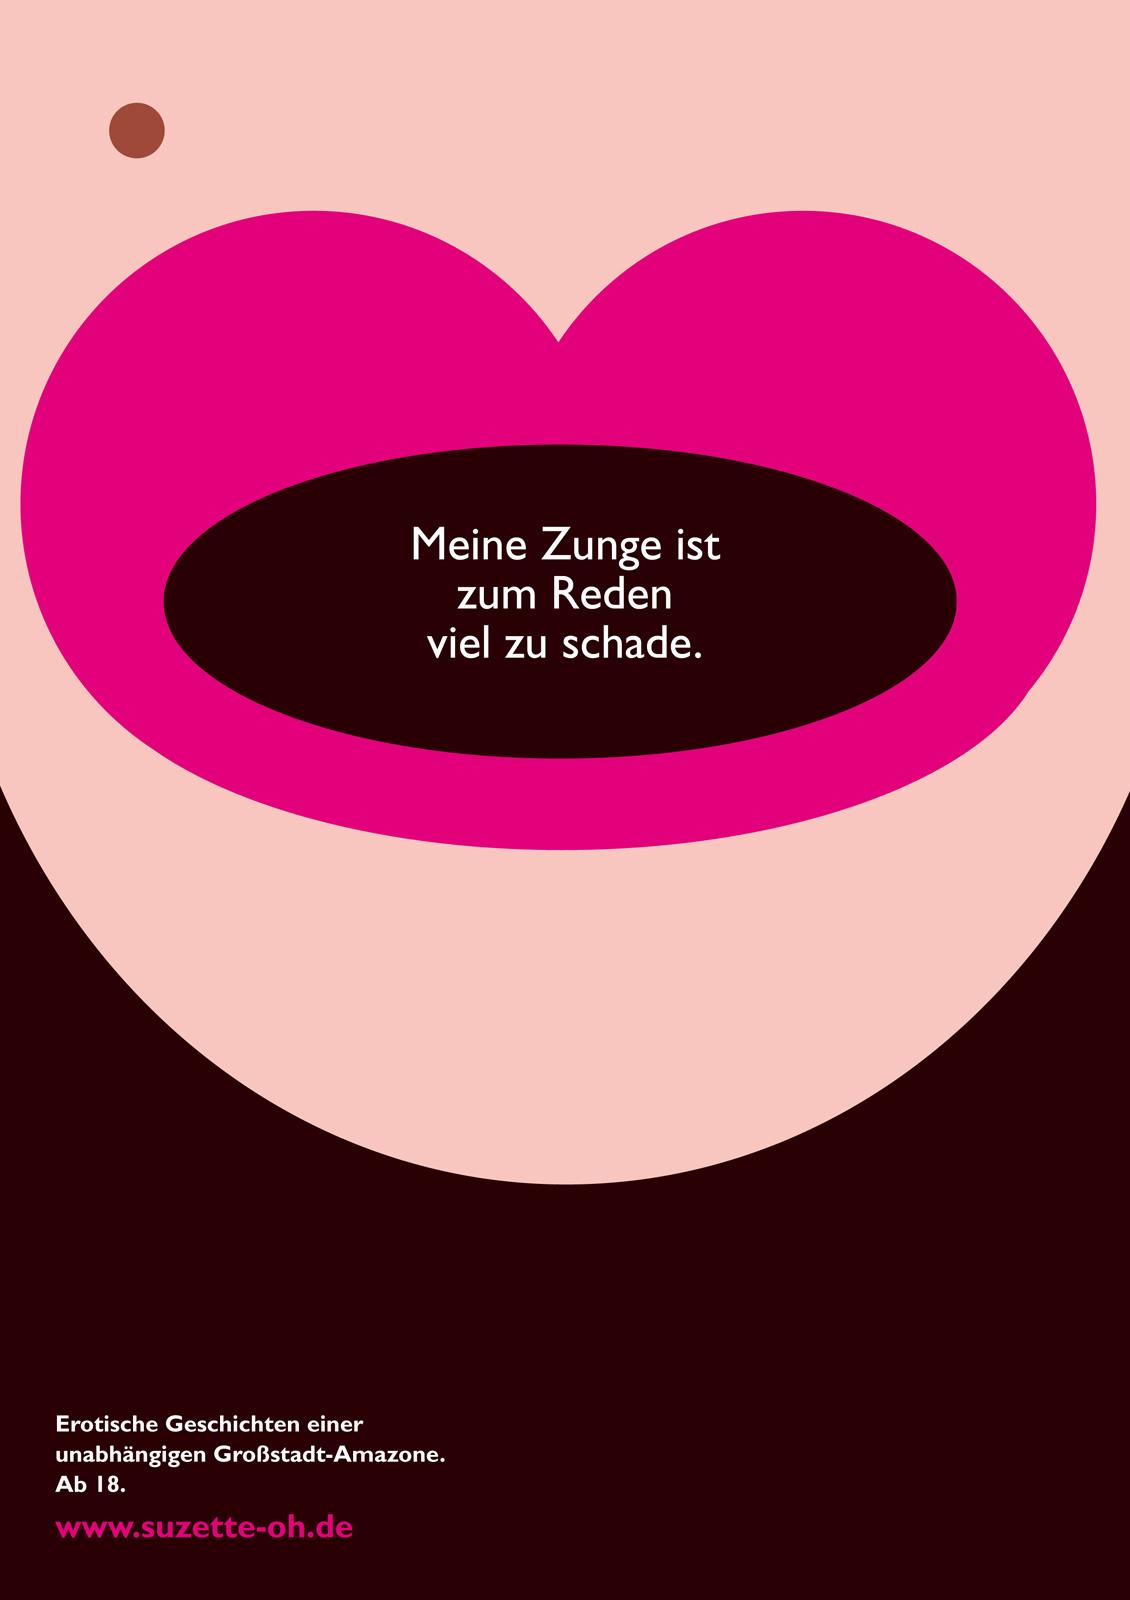 http://3.bp.blogspot.com/_42nL05s3A-8/TSOoz4l238I/AAAAAAAADIM/NqQZw-yXxz8/s1600/Suzette-Oh-Blog-zunge.jpg